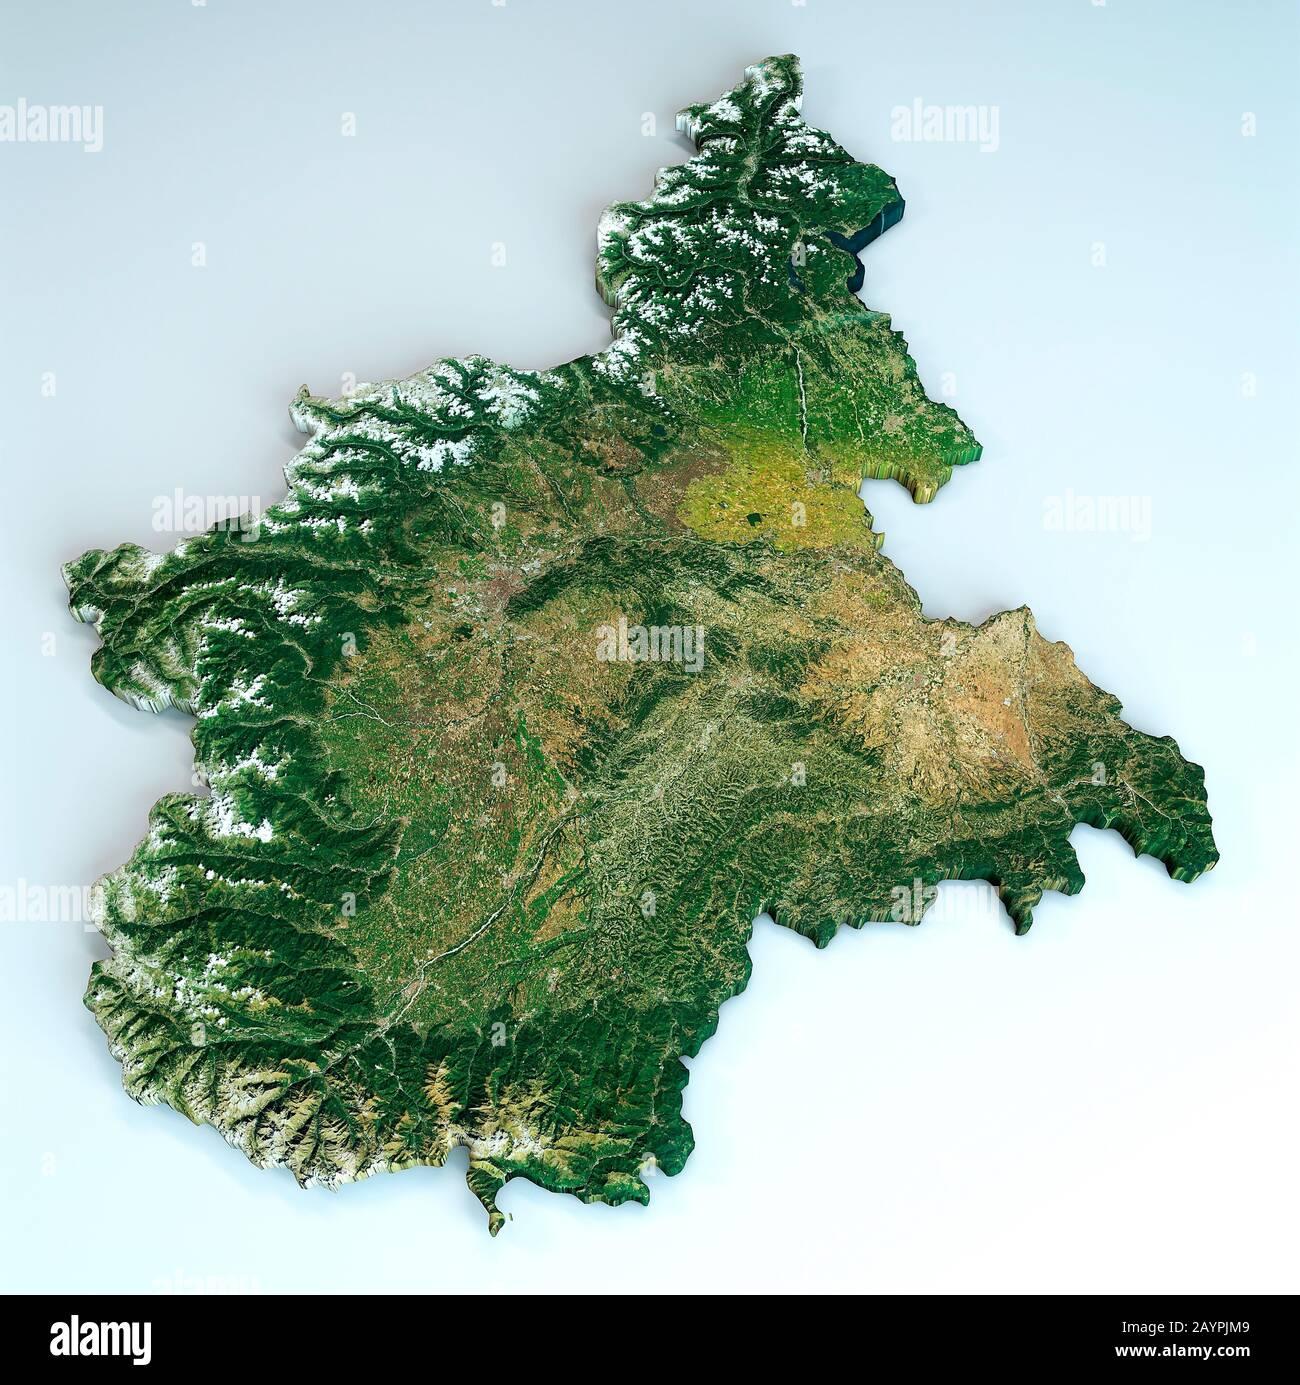 Piemonte Cartina Geografica Fisica.Vista Satellitare Della Regione Piemonte Italia Rendering 3d Mappa Fisica Del Piemonte Pianure Montagne Laghi Catena Montuosa Delle Alpi Foto Stock Alamy